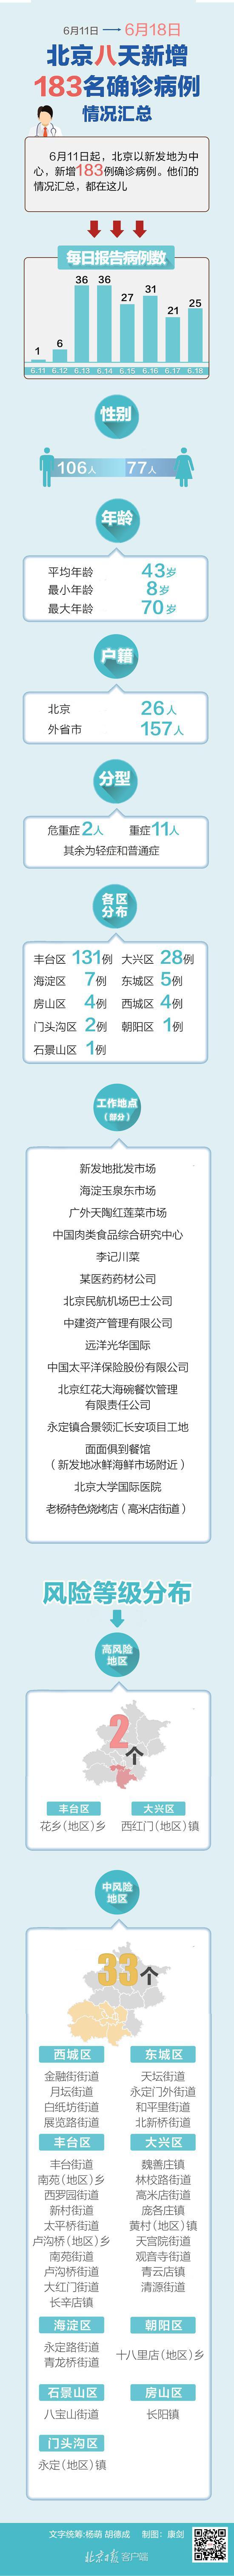 杏悦娱乐:天新增1杏悦娱乐83名确诊病例情况图片